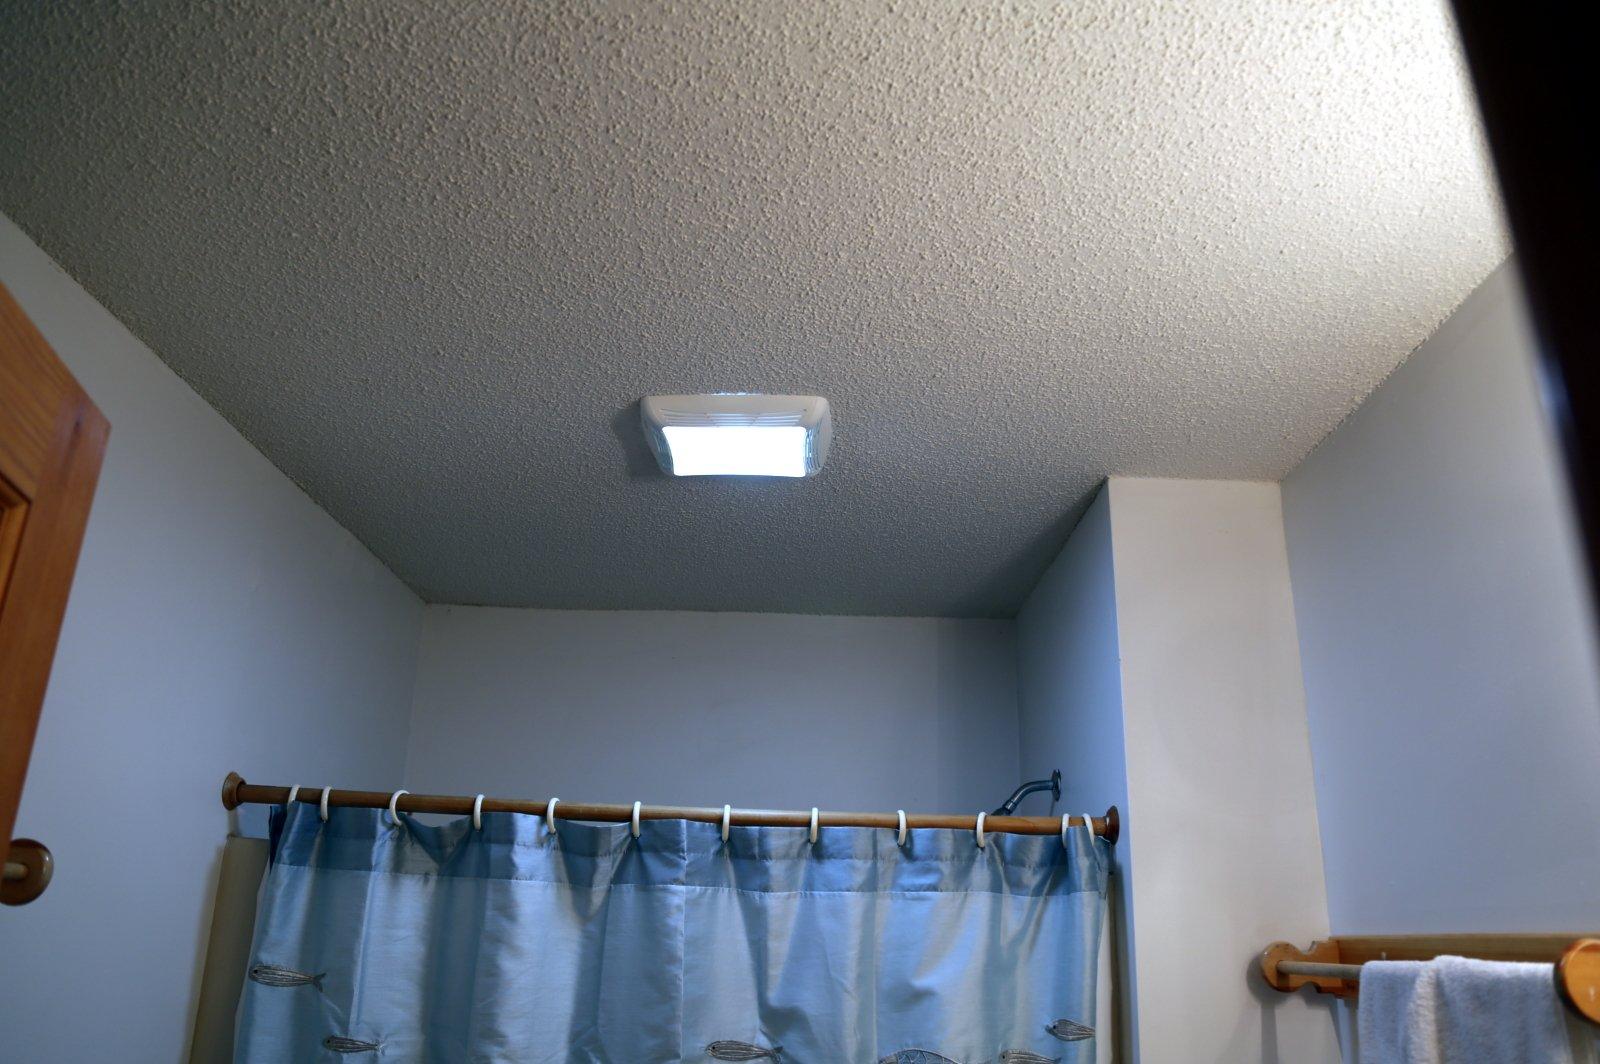 Crofton Electrician for Bathroom light fan combo